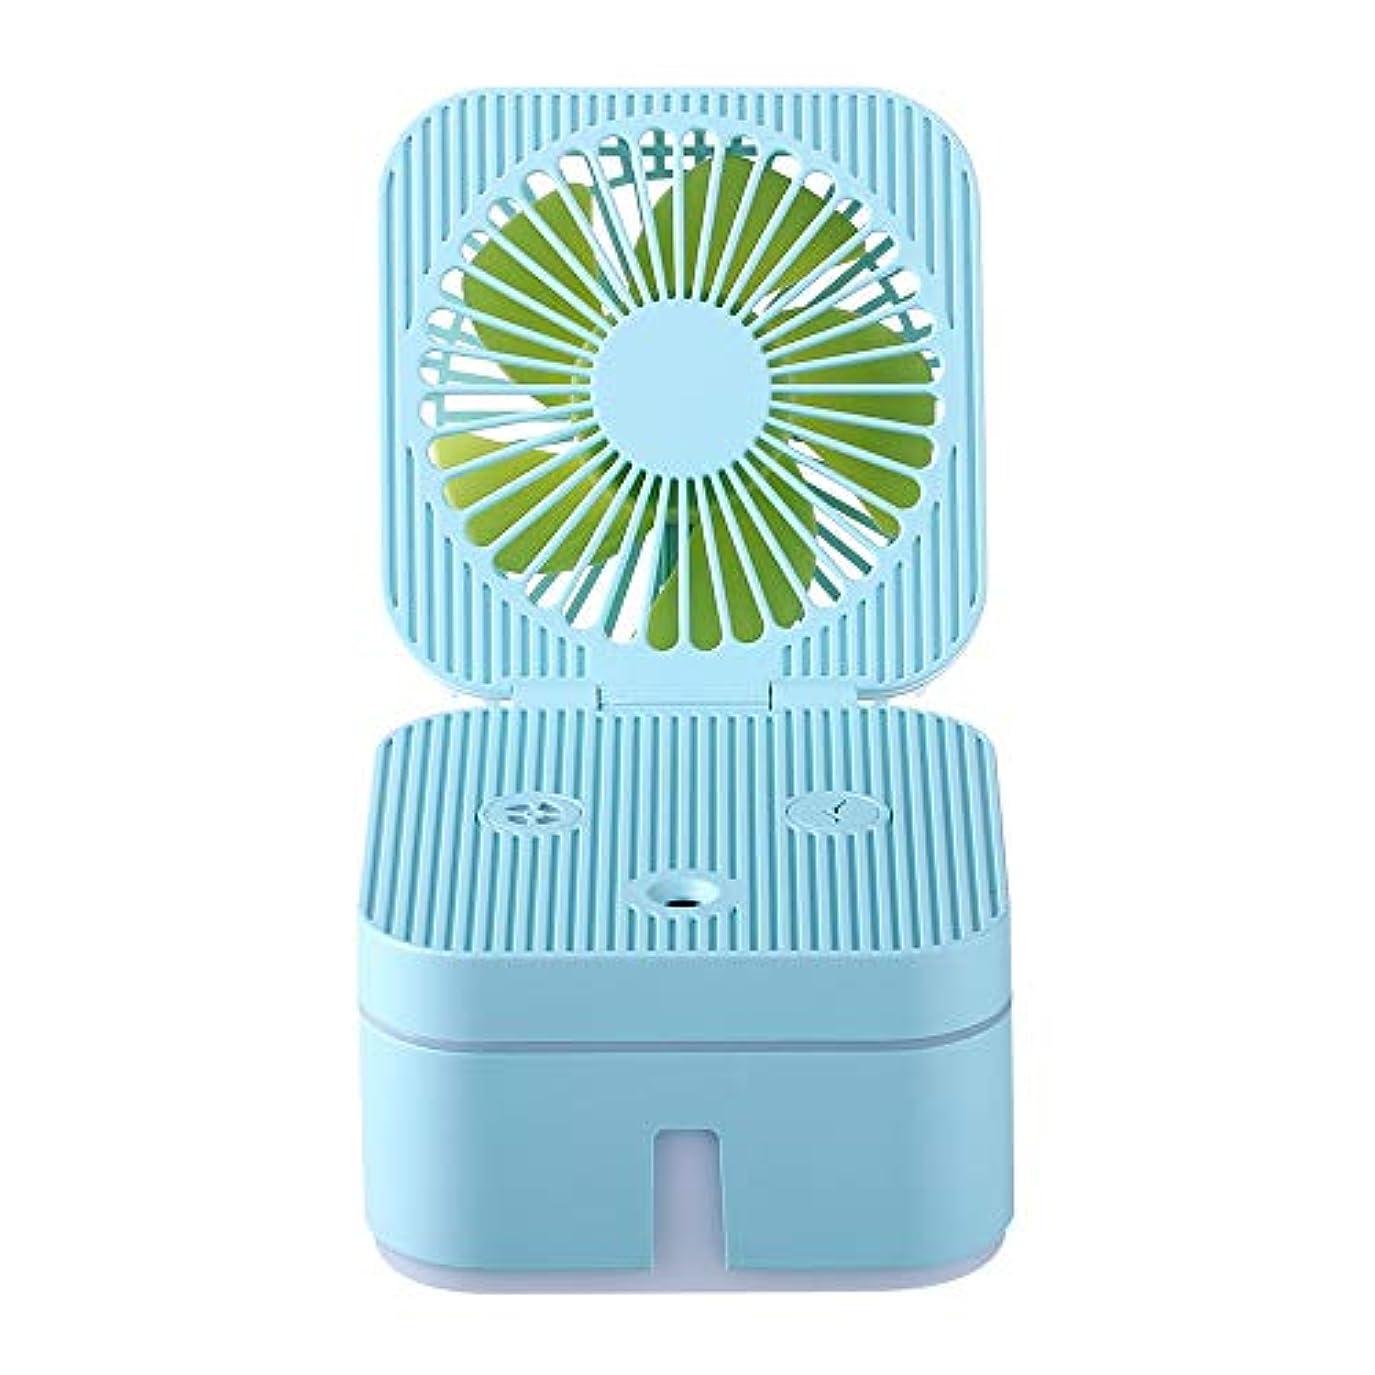 絶対の寮トリップZXF 容量保湿美容機器ABS素材USB充電加湿器ウォータースプレーメーターブルー 滑らかである